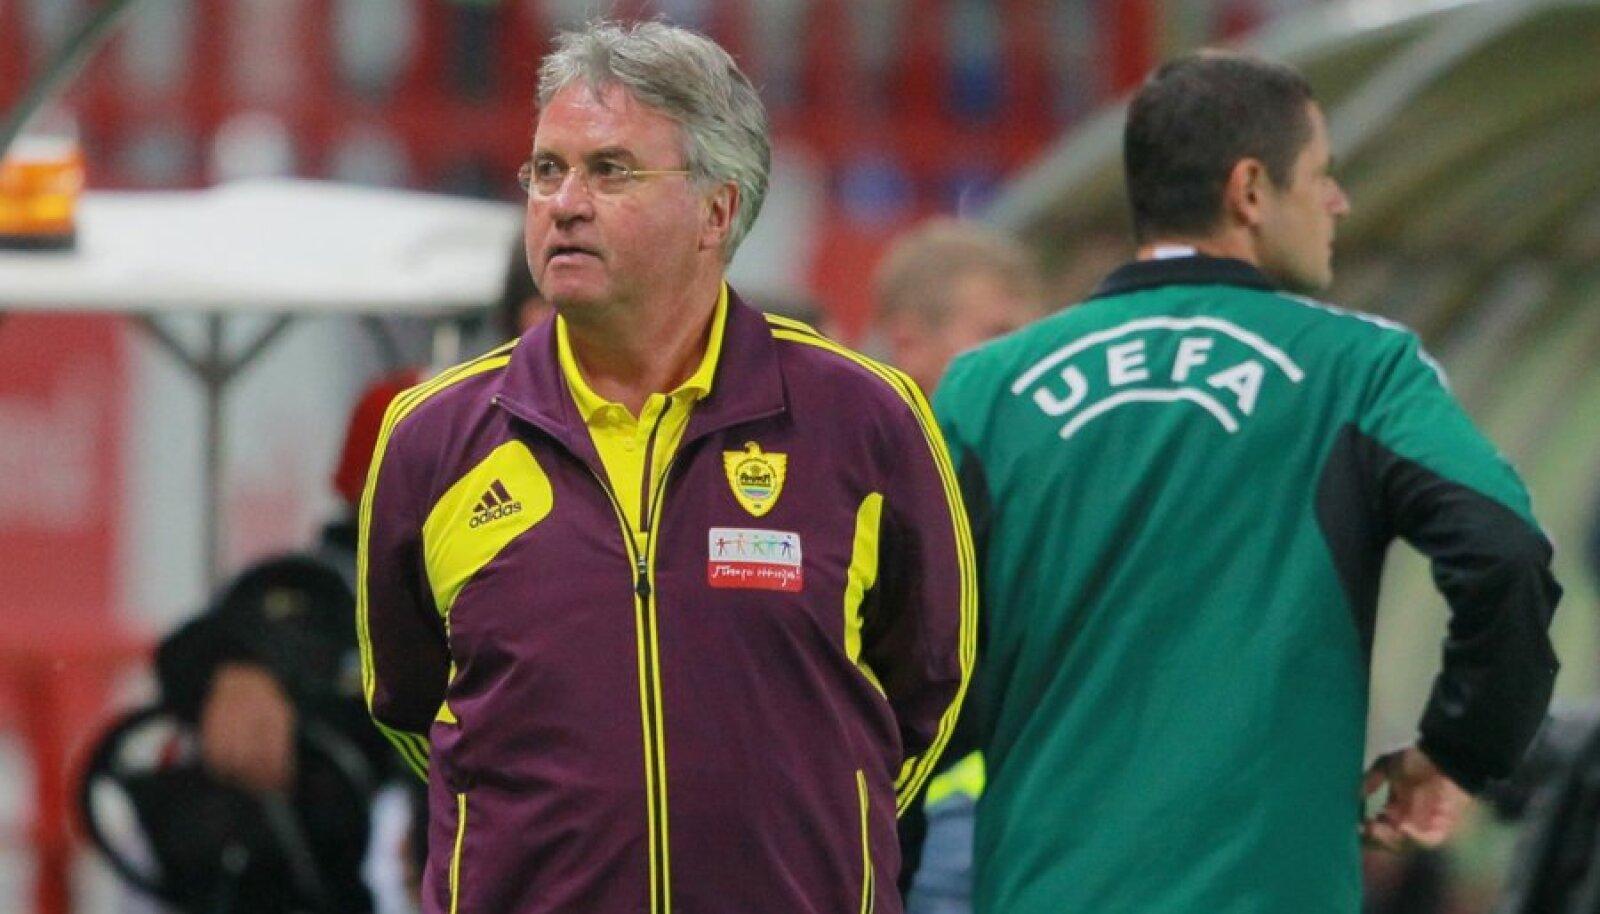 Anži peatreener Guus Hiddink võib hooaja algusega rahule jääda.